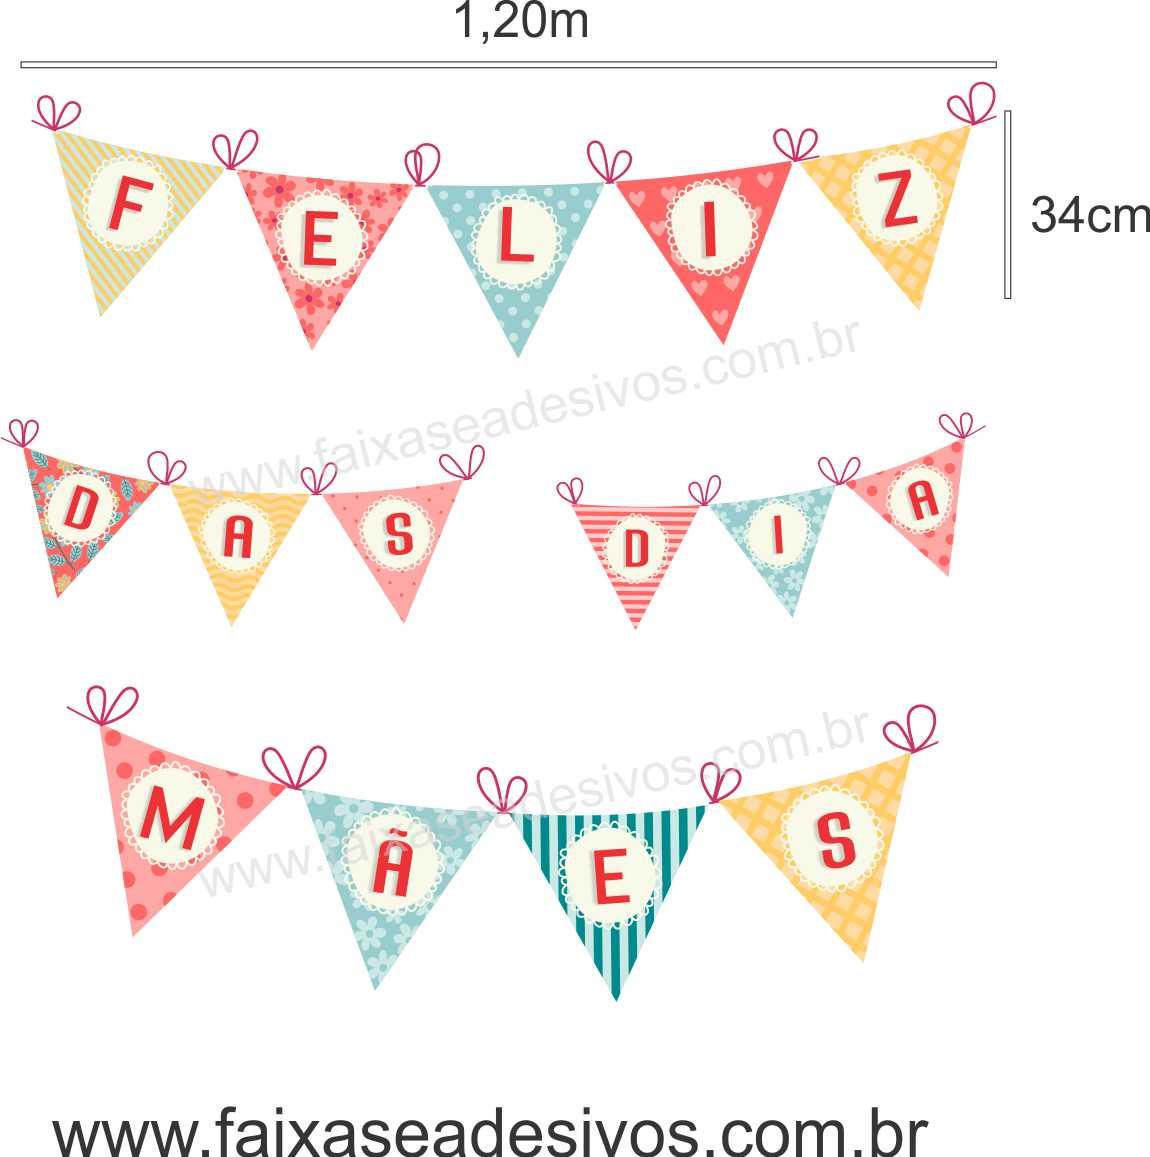 A526M - Adesivo Dia das Mães - Bandeirinhas  - Fac Signs